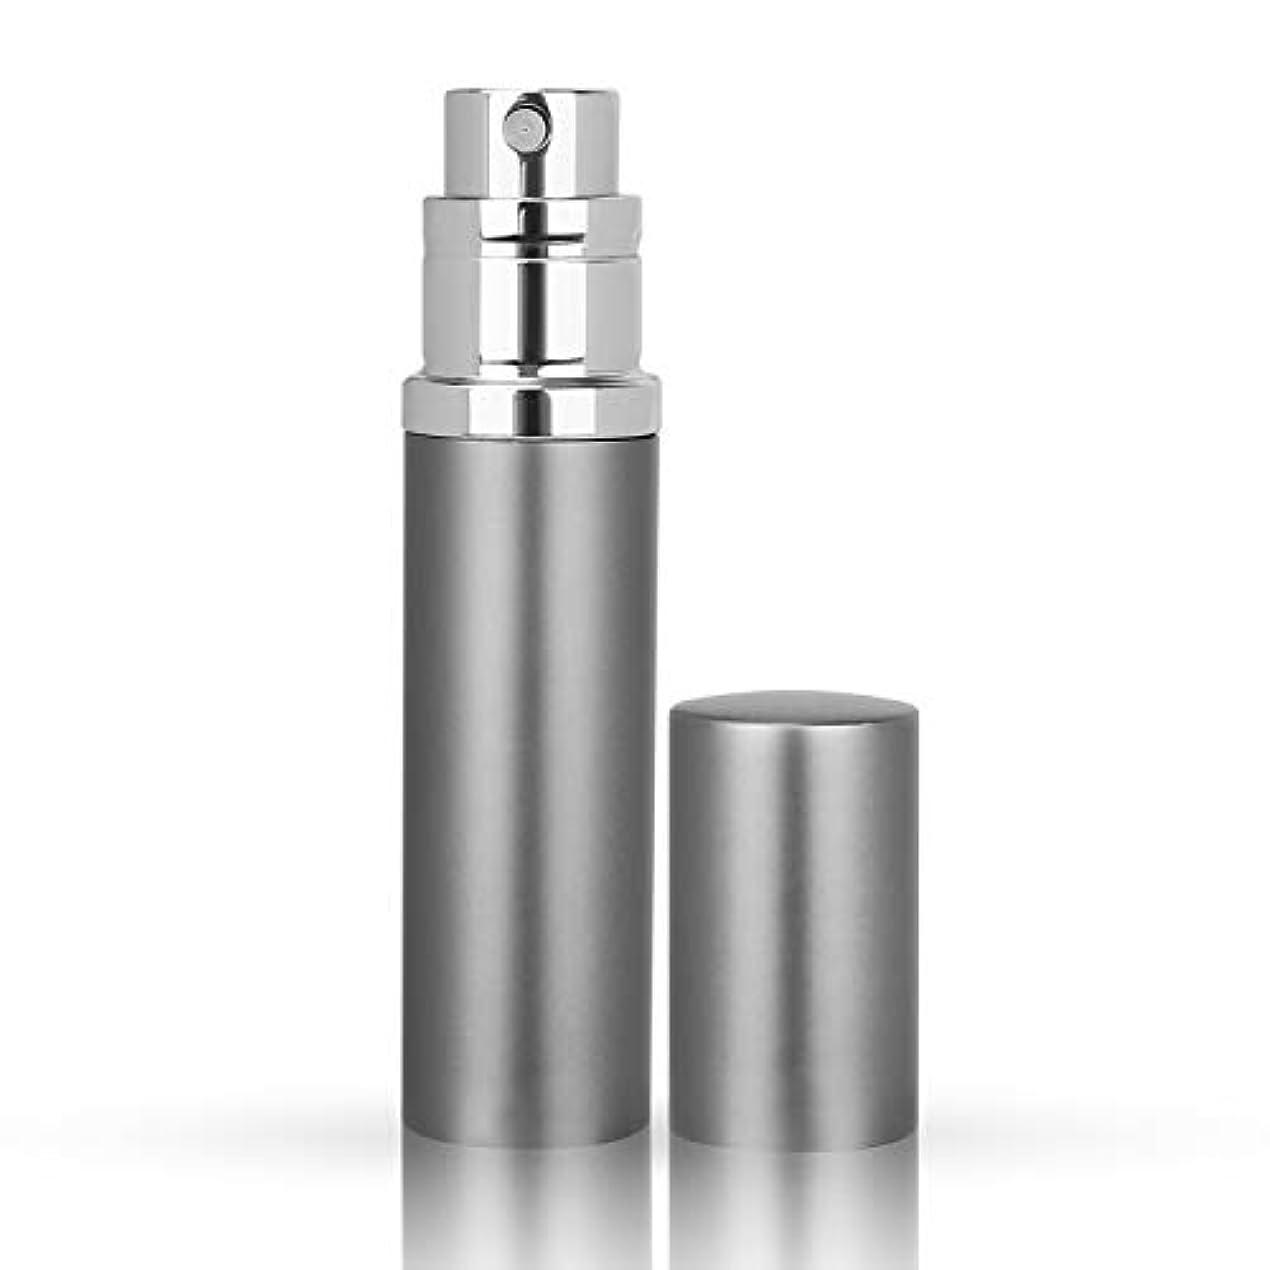 願う逸脱打倒MOOMU アトマイザー 香水スプレー 噴霧器 詰め替え容器 底部充填方式 携帯用5ml (シルバー Silver)